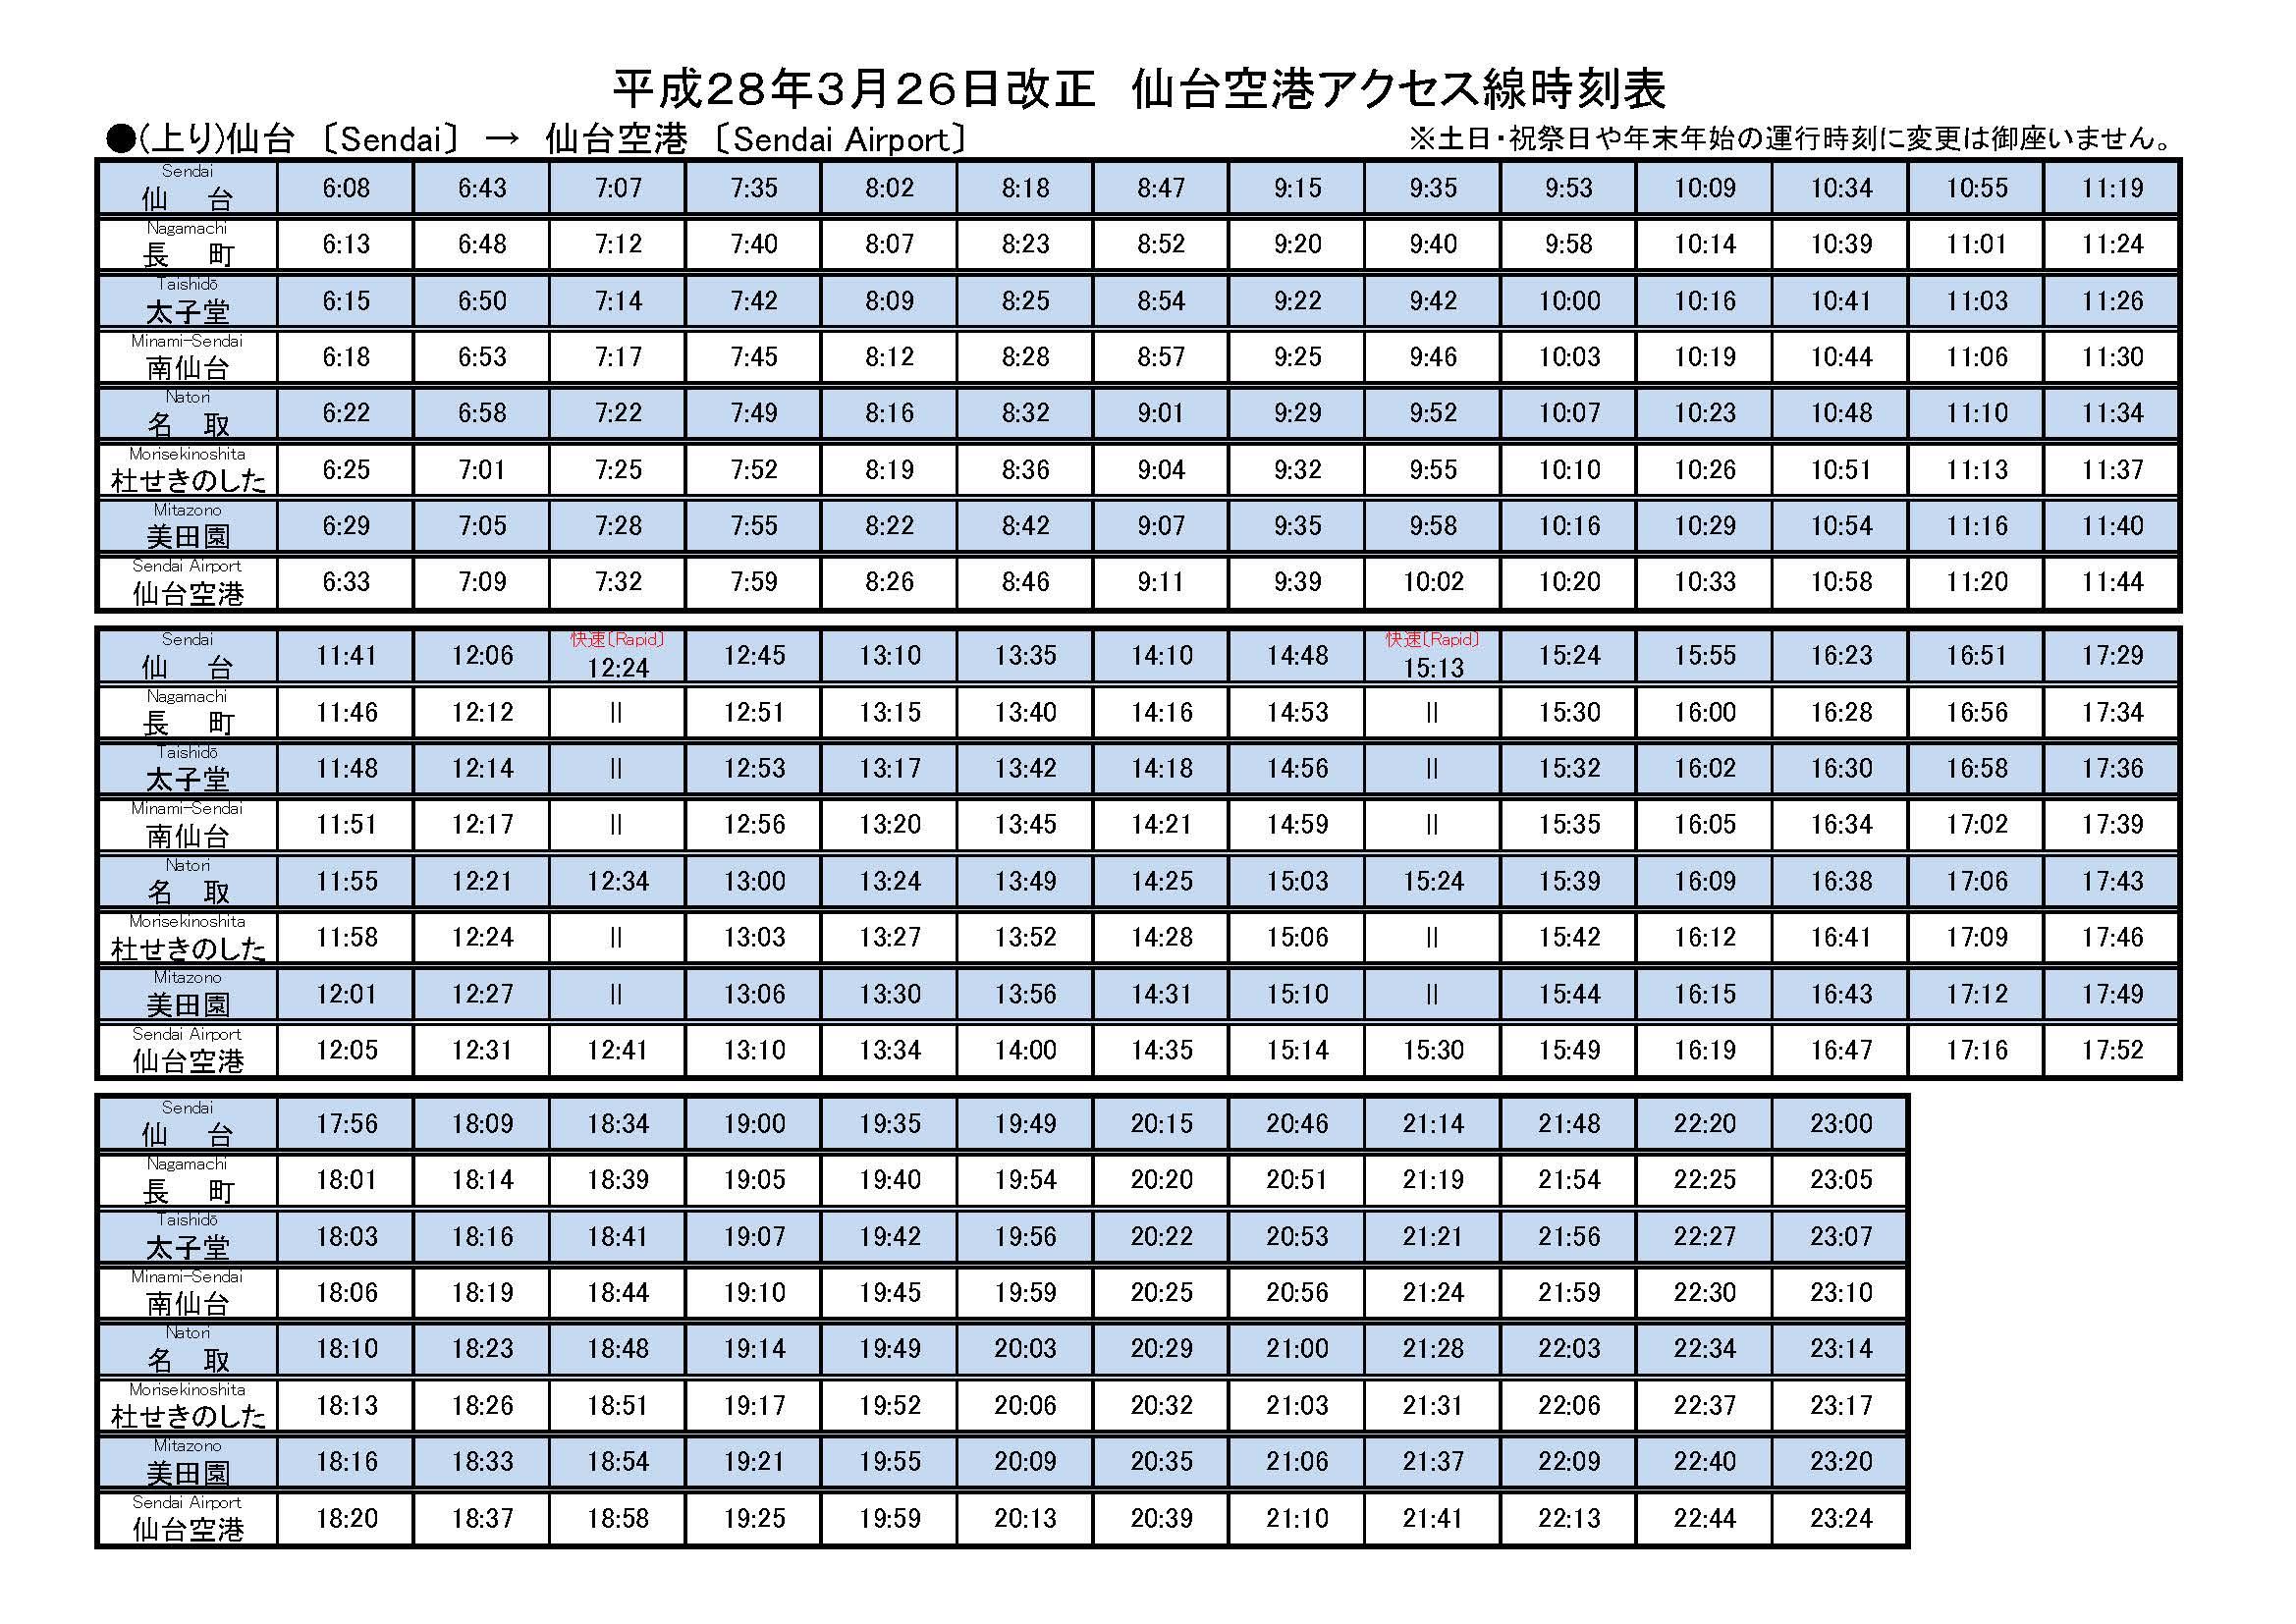 仙台空港アクセス線時刻表上り